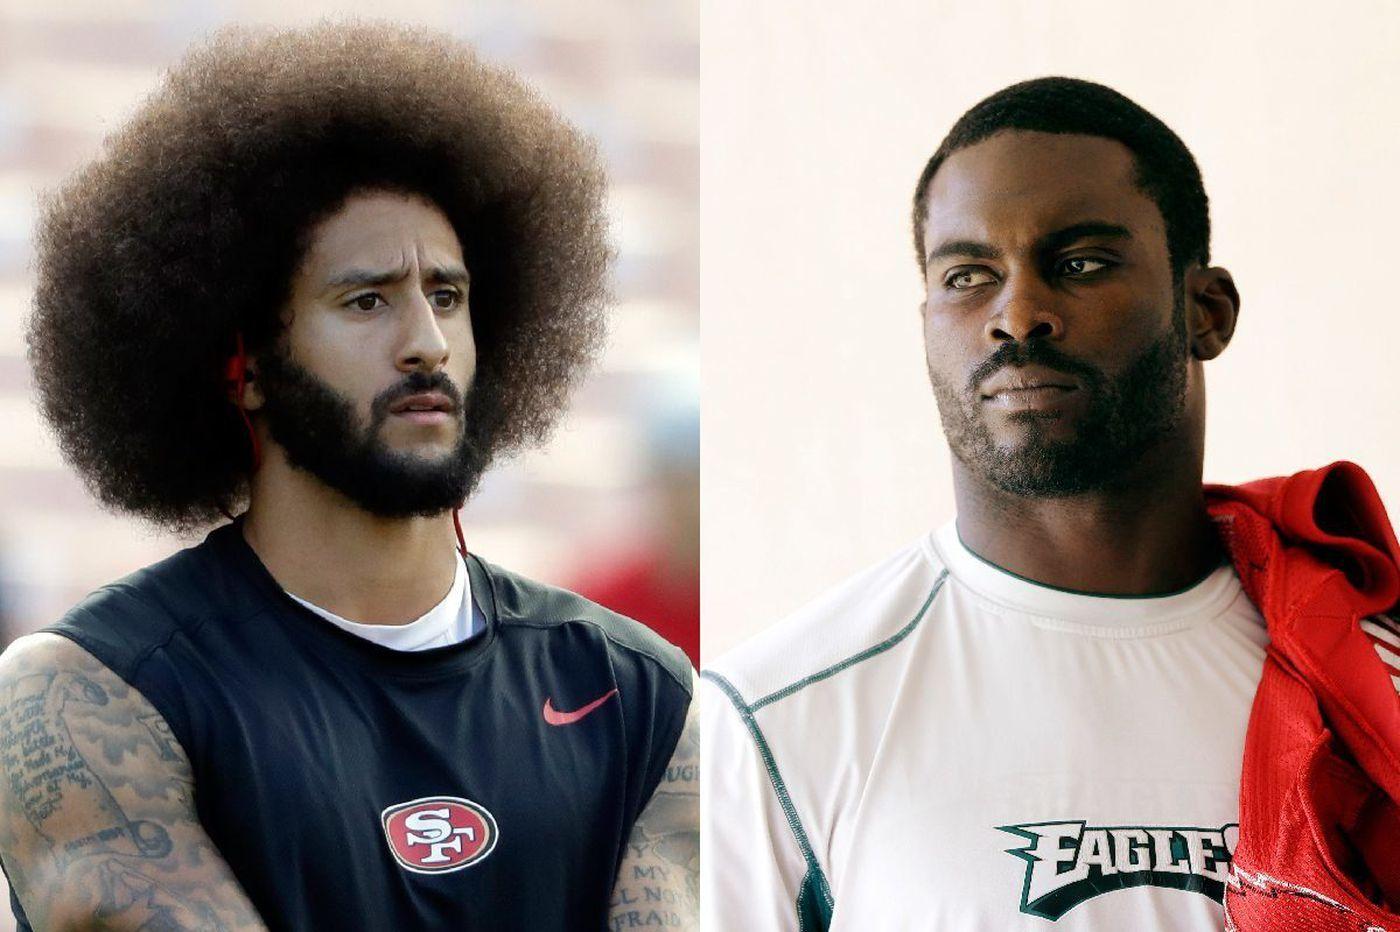 Michael Vick is wrong: A haircut won't help Colin Kaepernick, or any black man